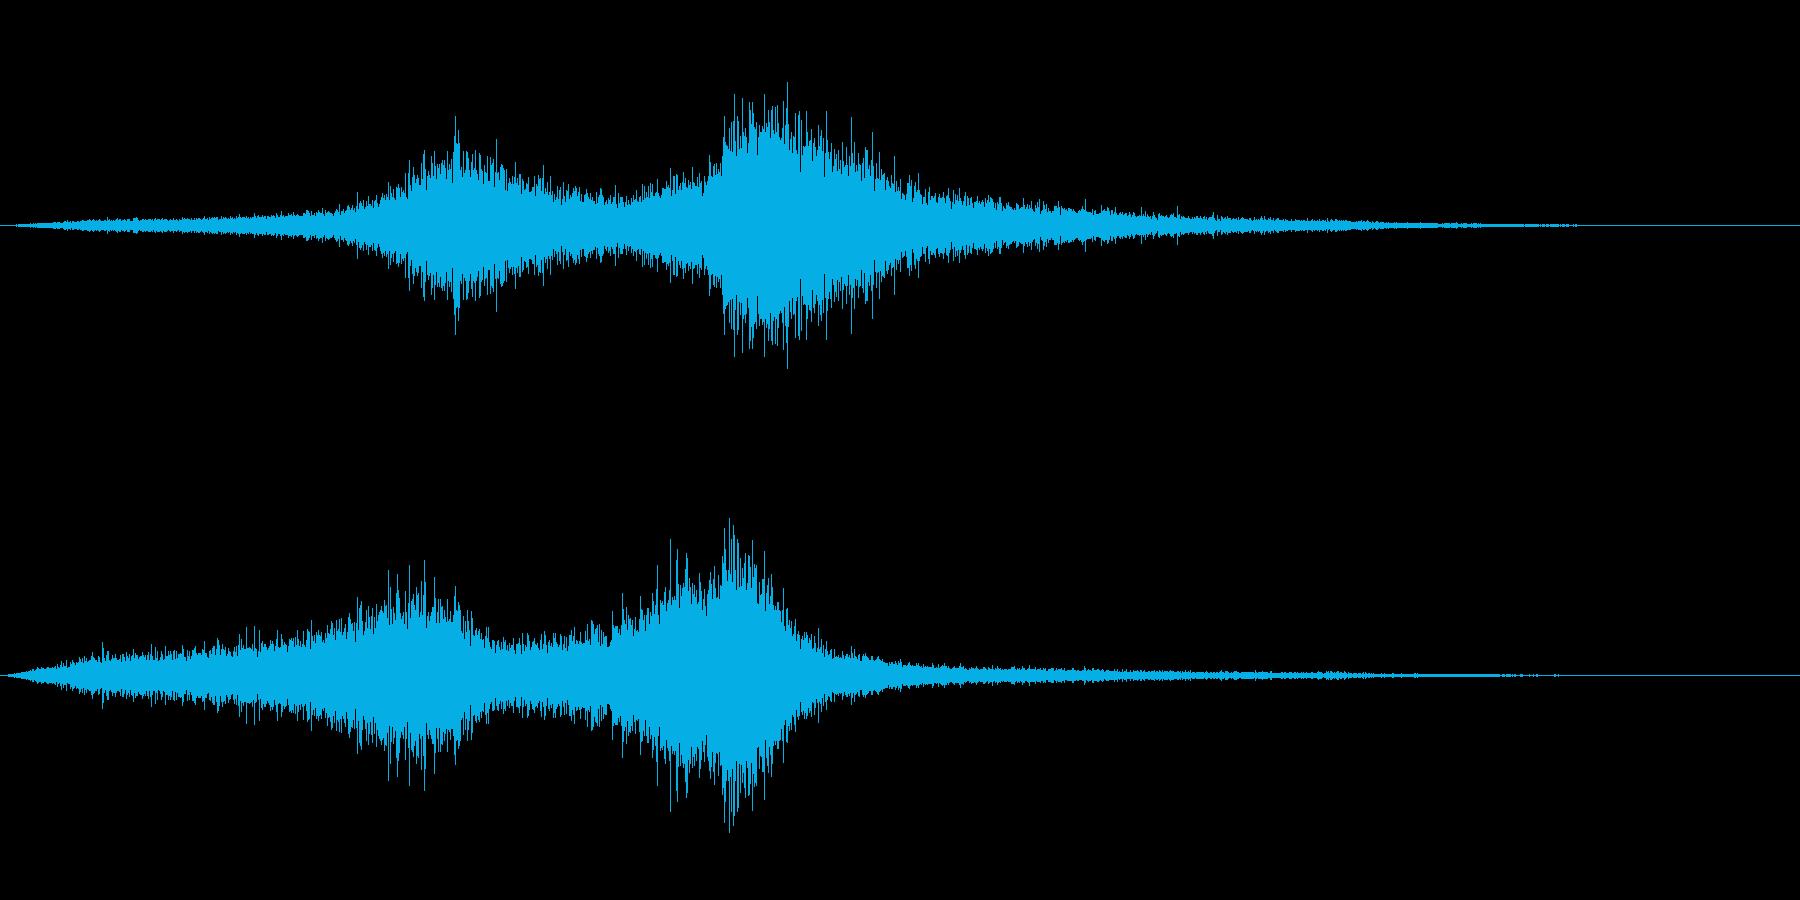 【生録音】 早朝の街 交通 環境音 4の再生済みの波形